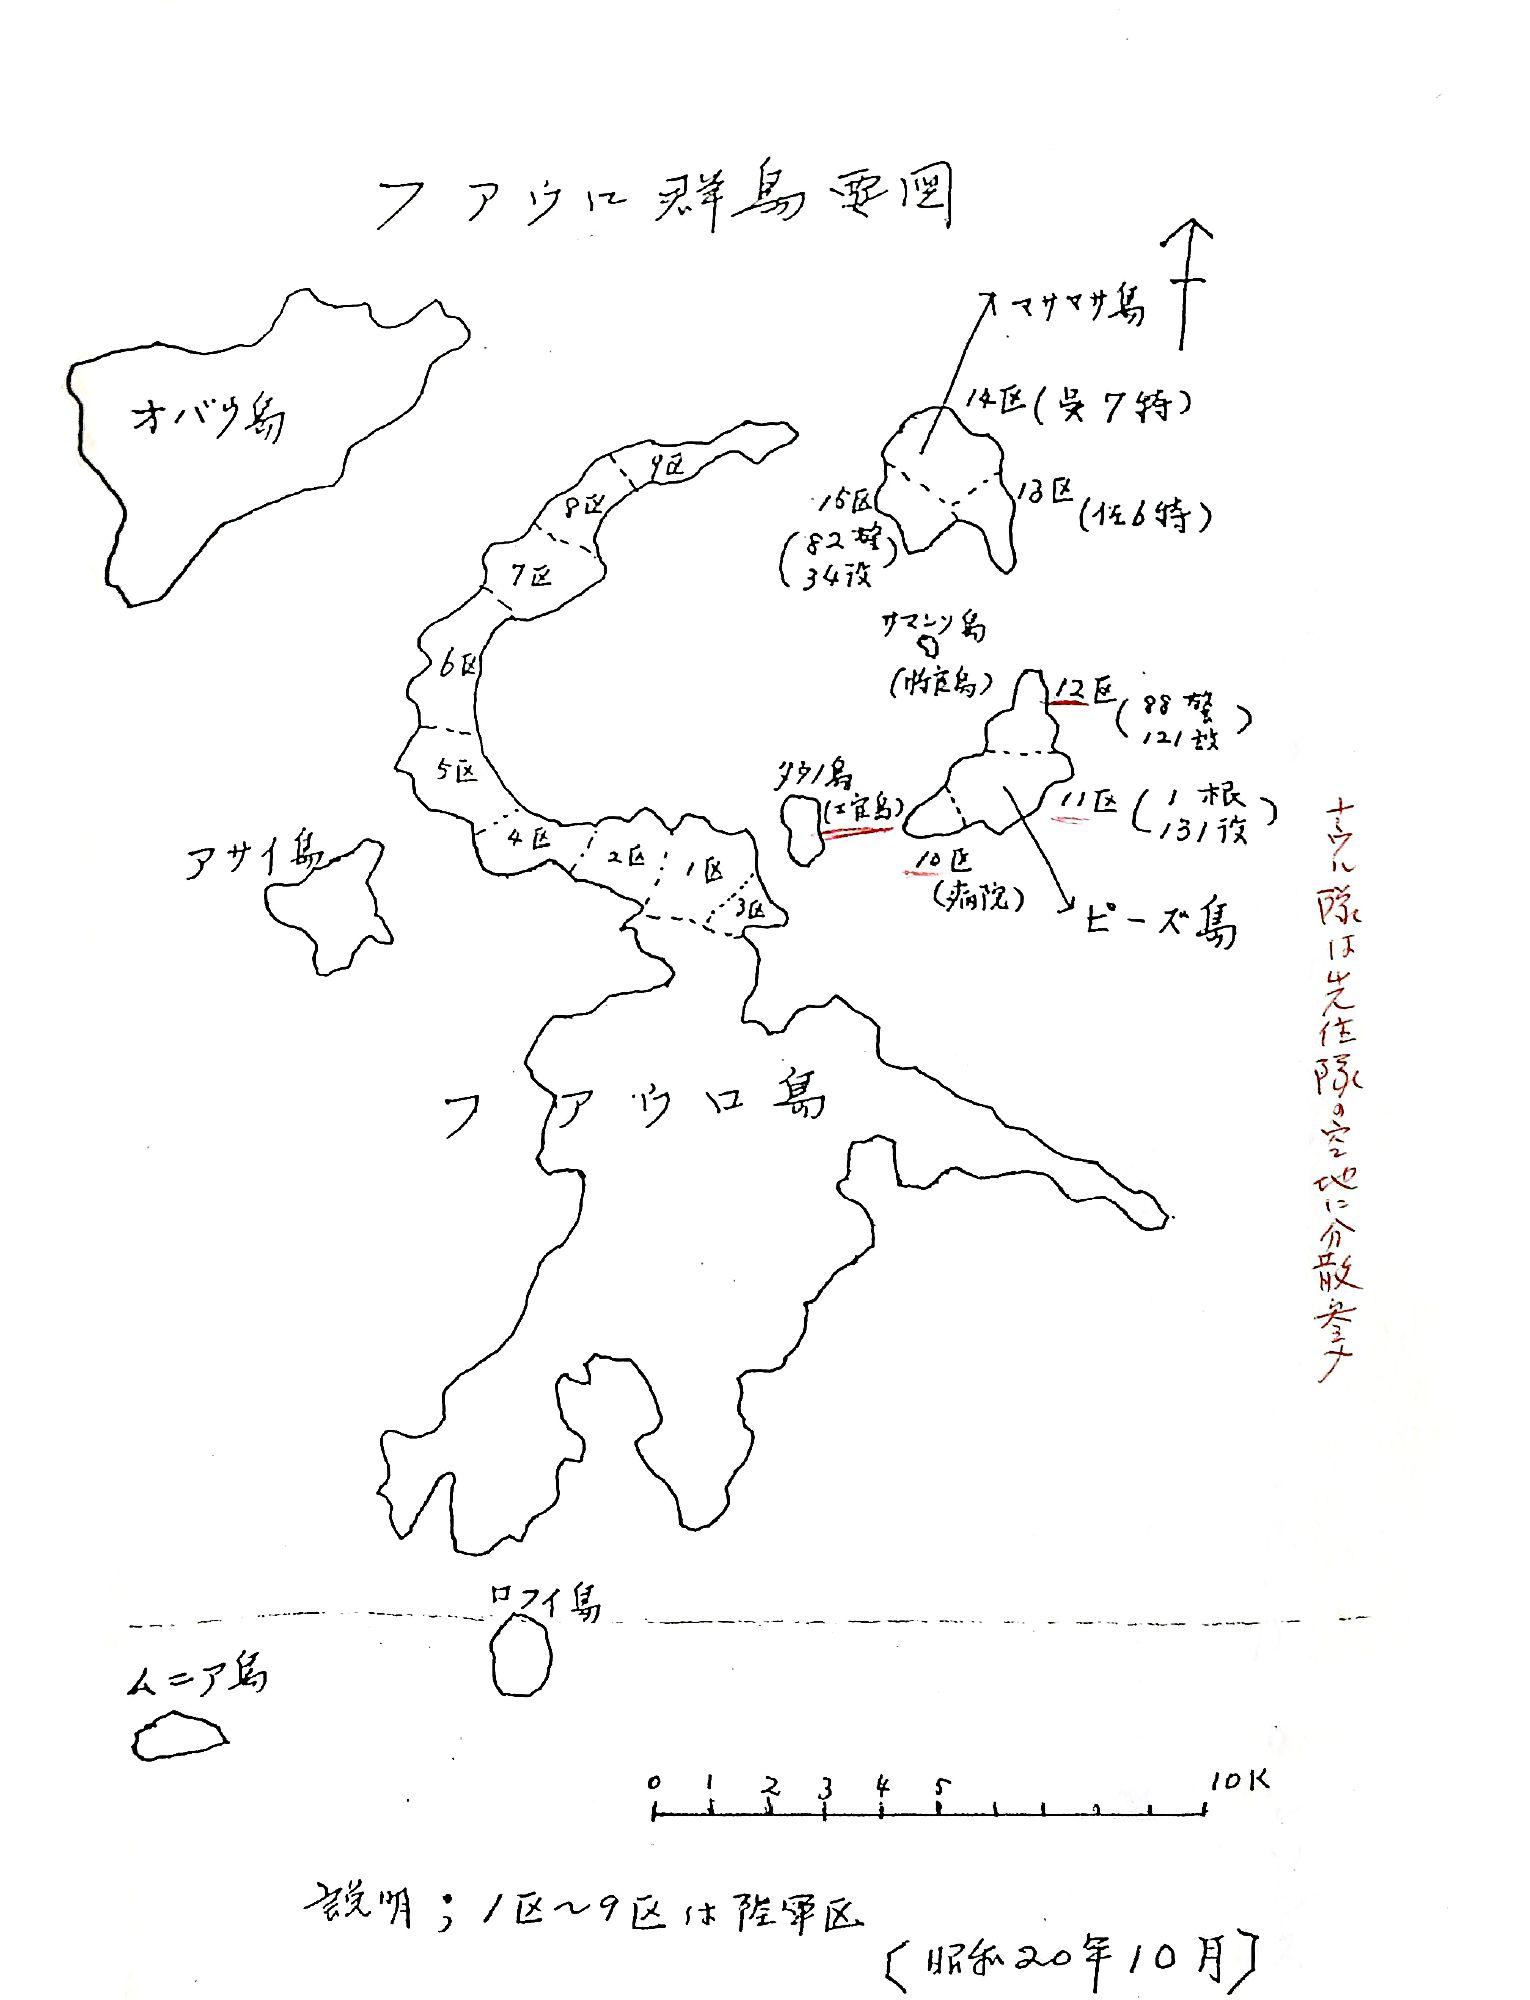 ファウロ島要図